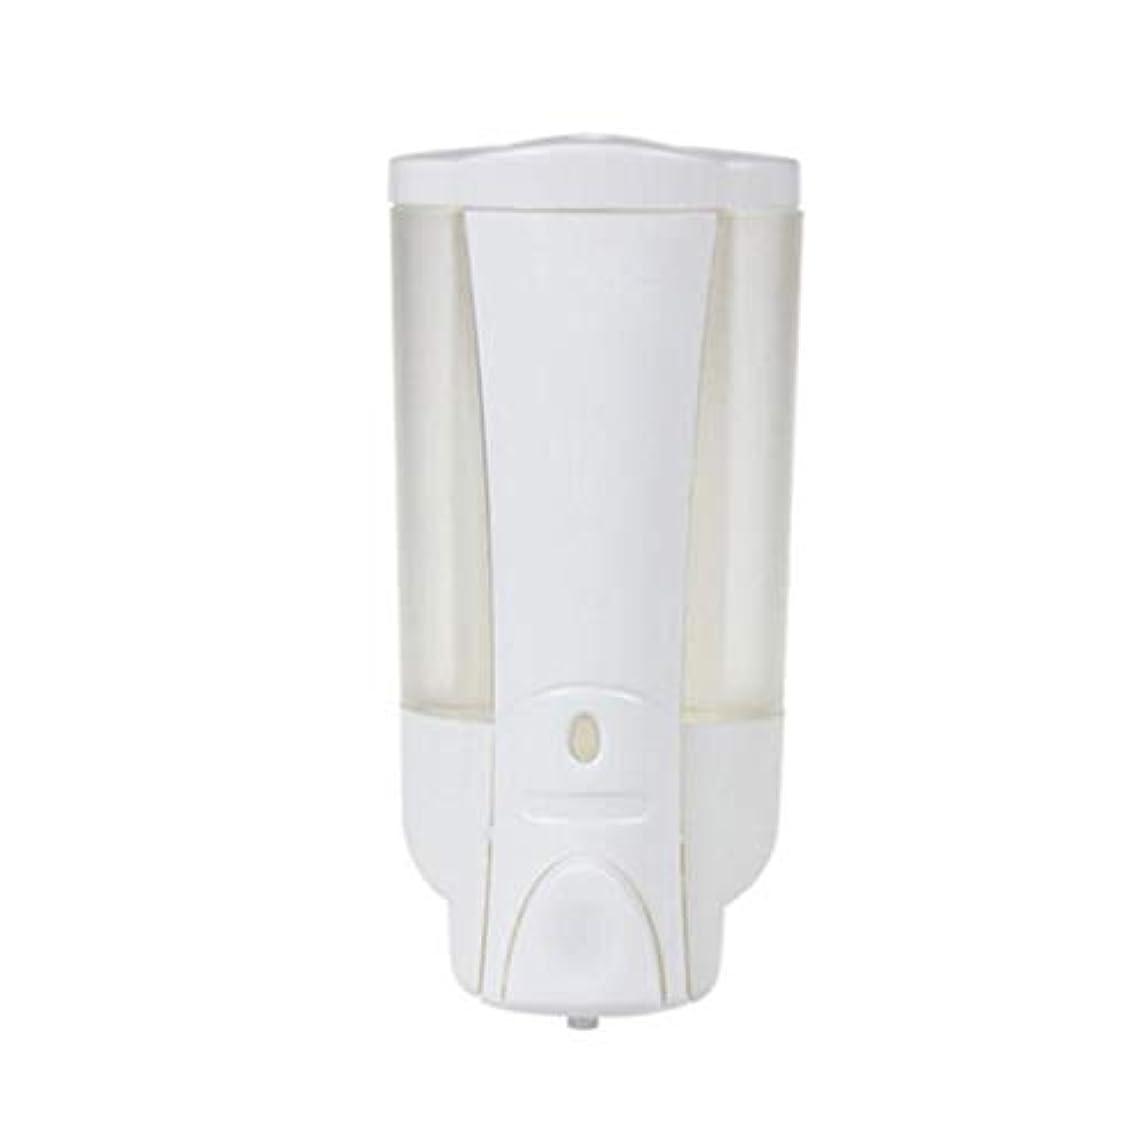 抑制するベット少しKylinssh 泡立つ石鹸ディスペンサー450ml容量、石鹸、DIY液体石鹸、皿石鹸、ボディウォッシュなどに使用するための空のプラスチック液体石鹸ポンプボトル